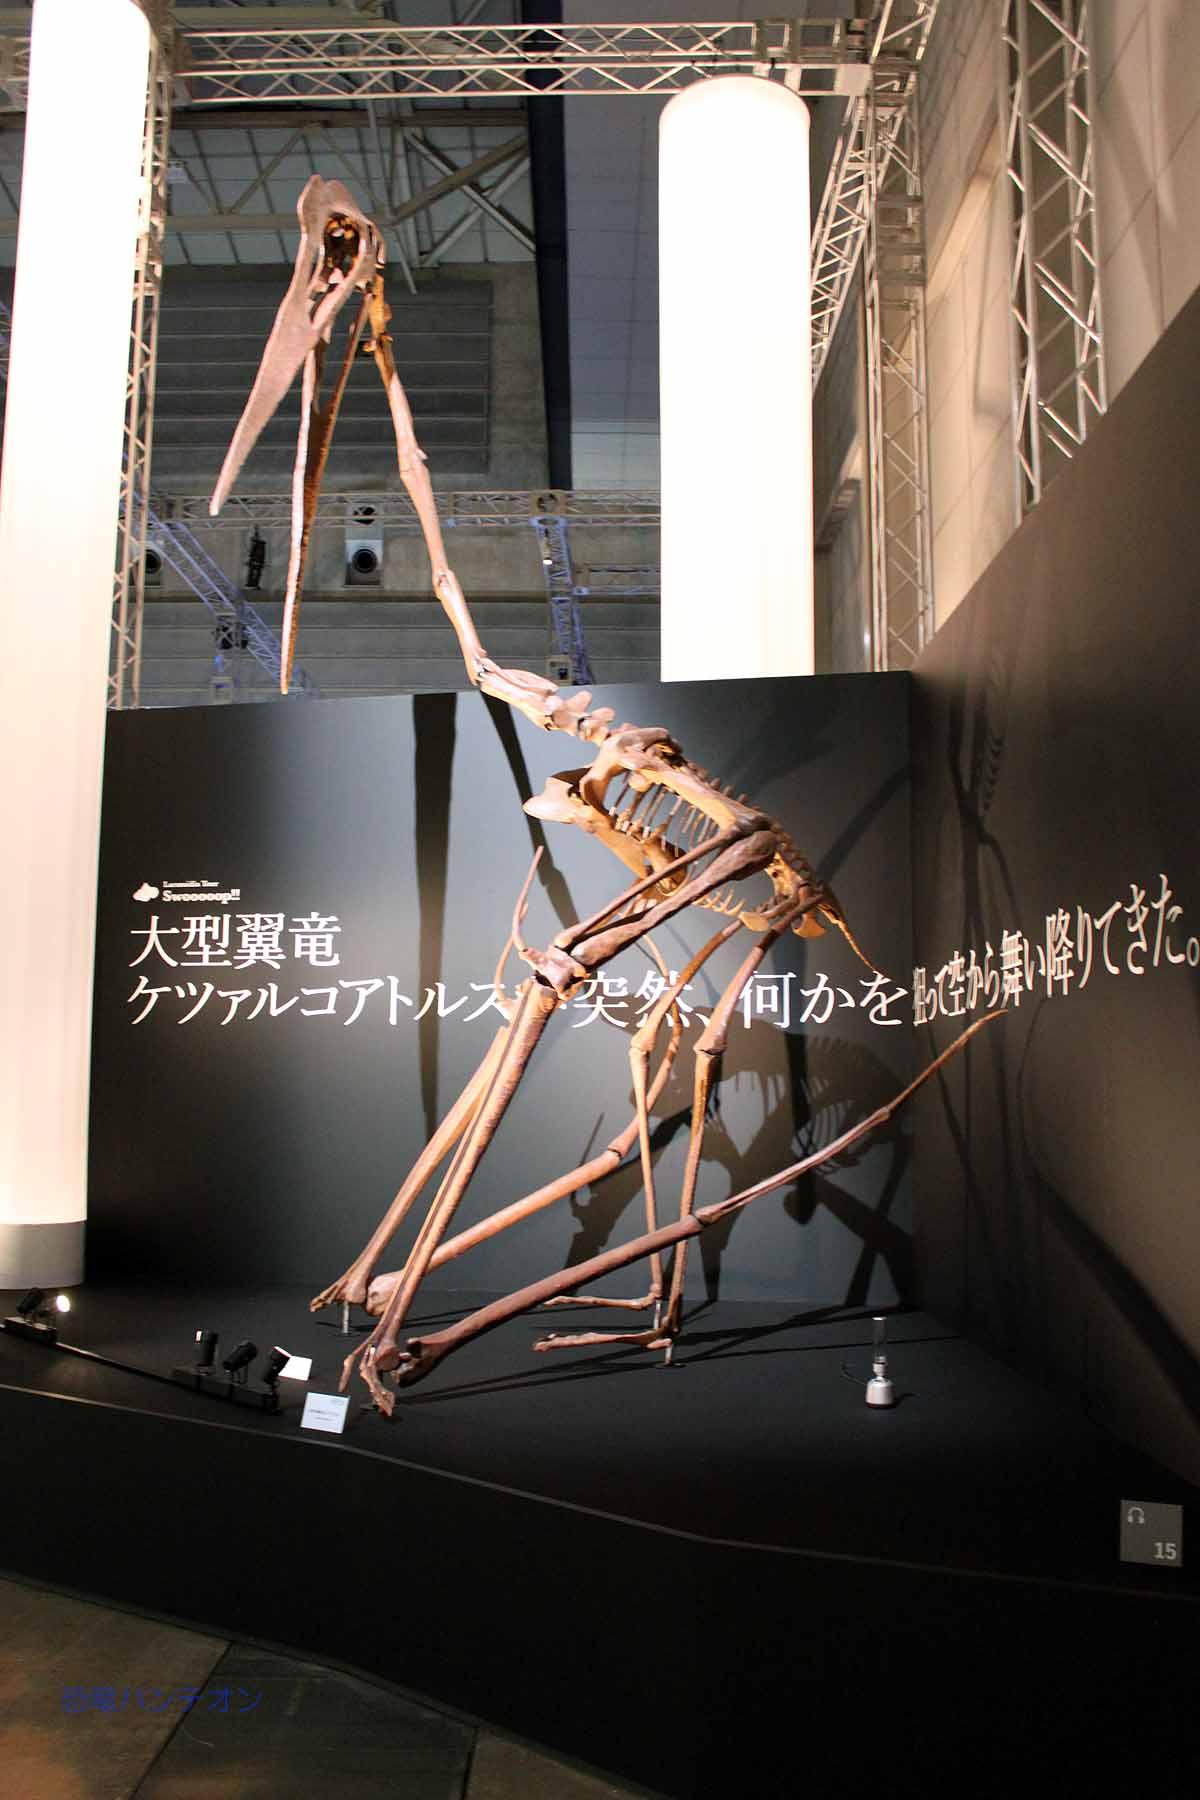 大翼竜、ケツアルコアトルスが突然舞い降りてきた。